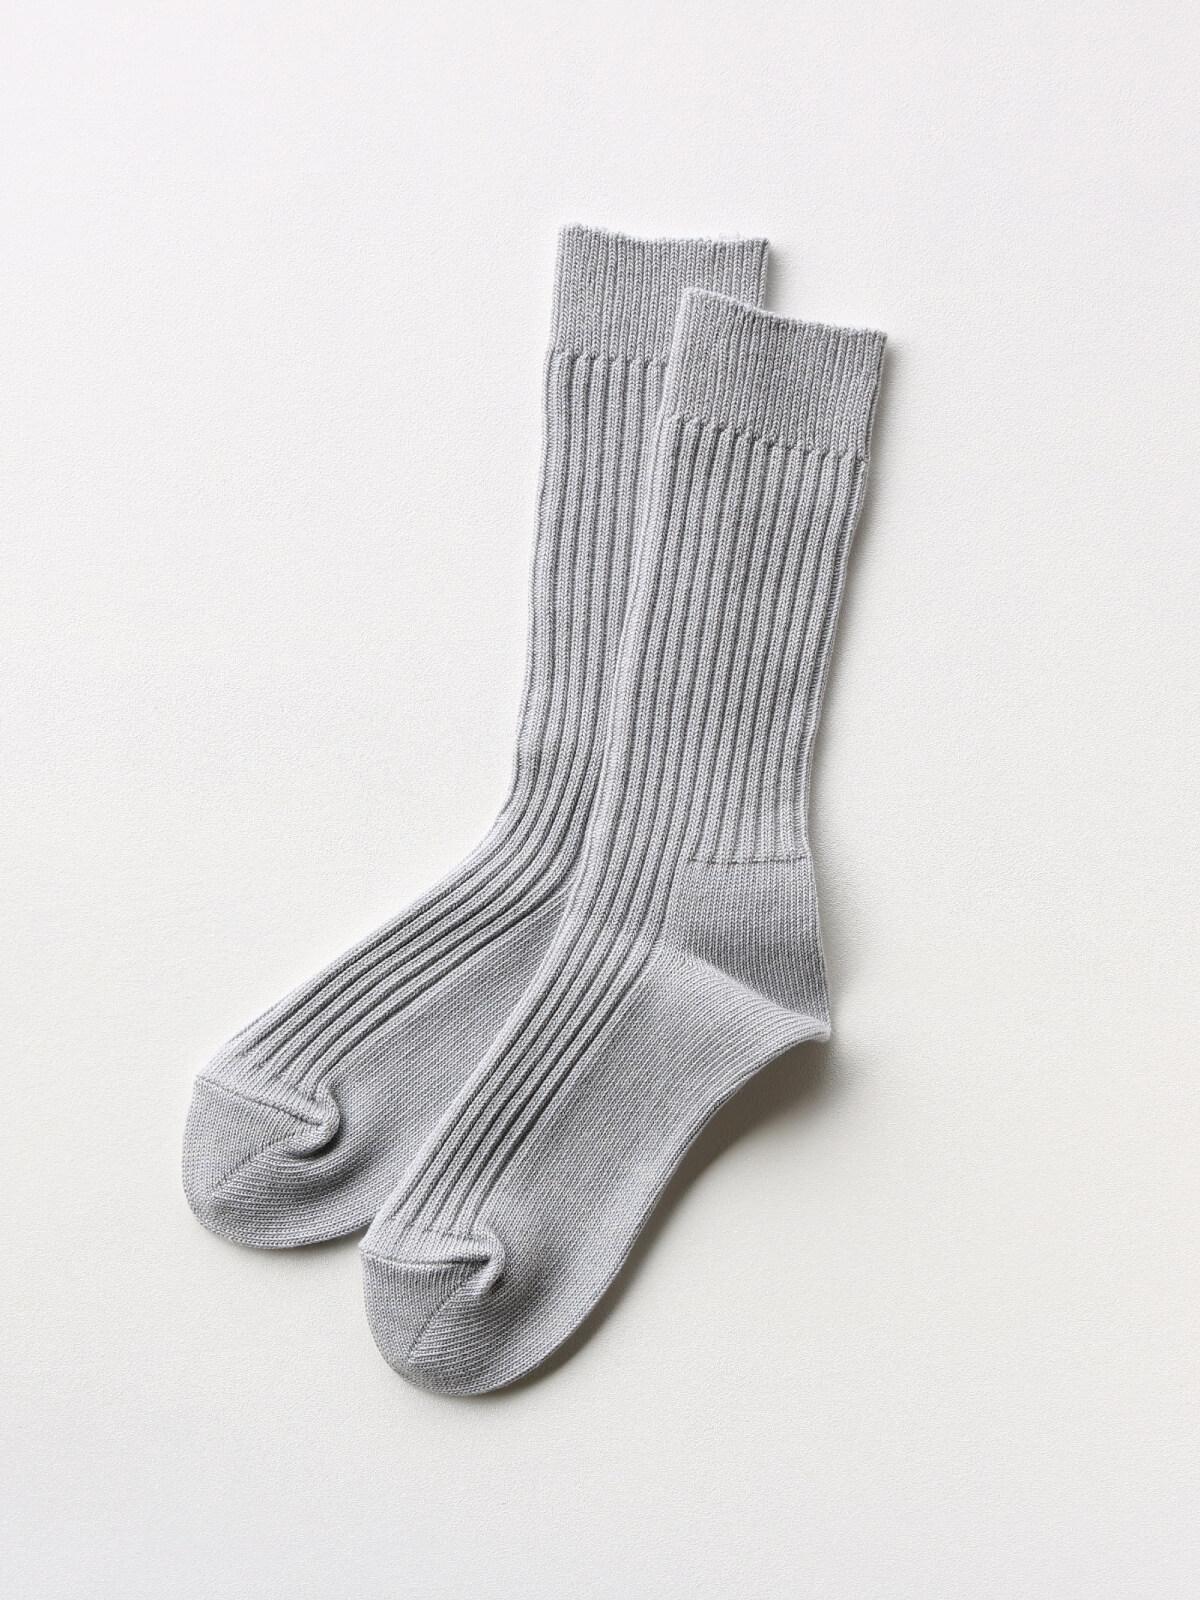 当たりつきギフト専用靴下のLUCKY SOCKS(ラッキーソックス)のSmooth Rib Socks(スムースリブソックス)のライトグレー_2